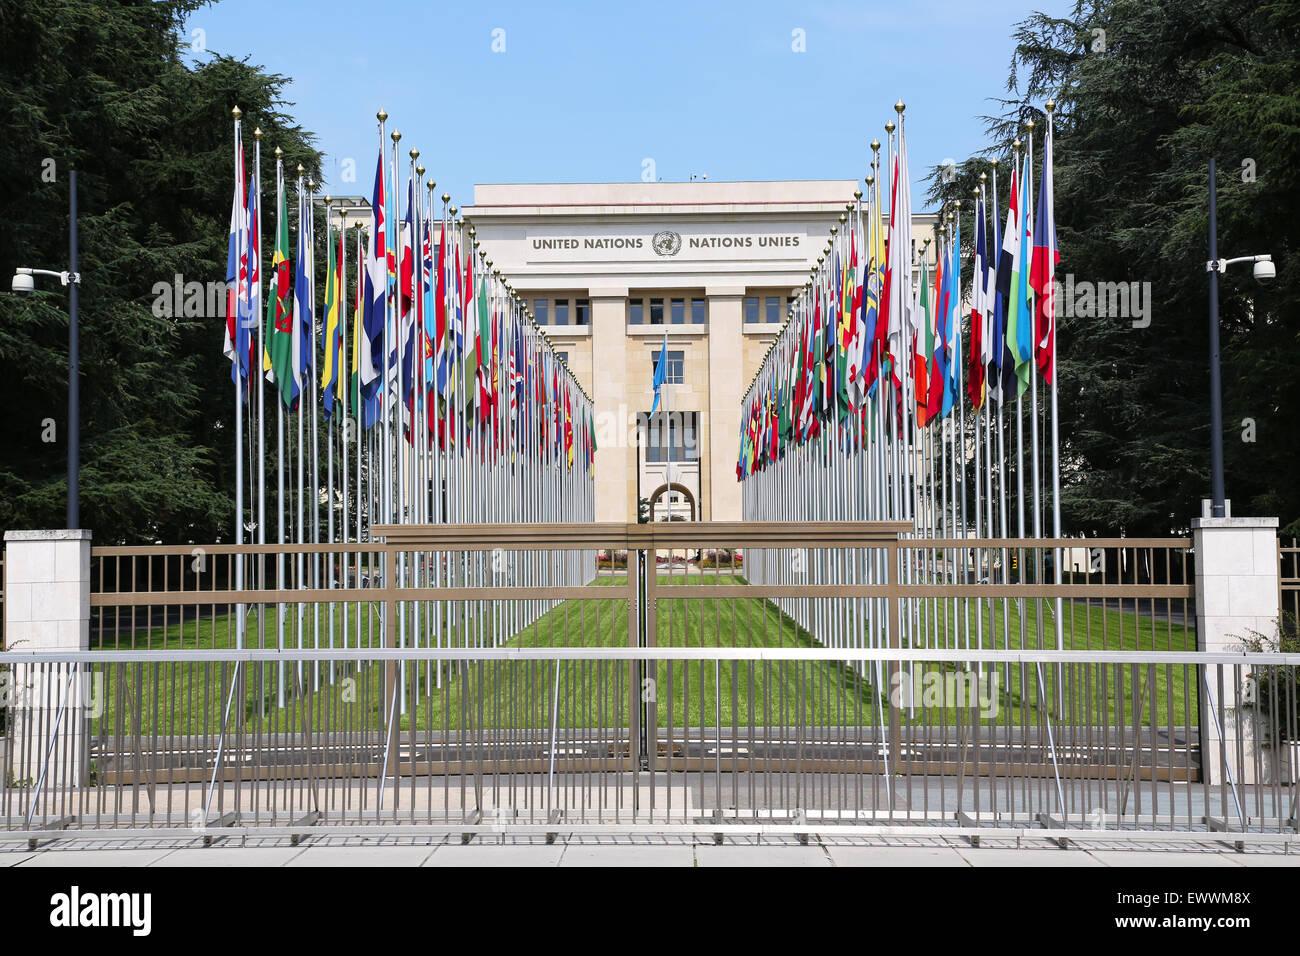 United Nations in Geneva, Switzerland Stock Photo